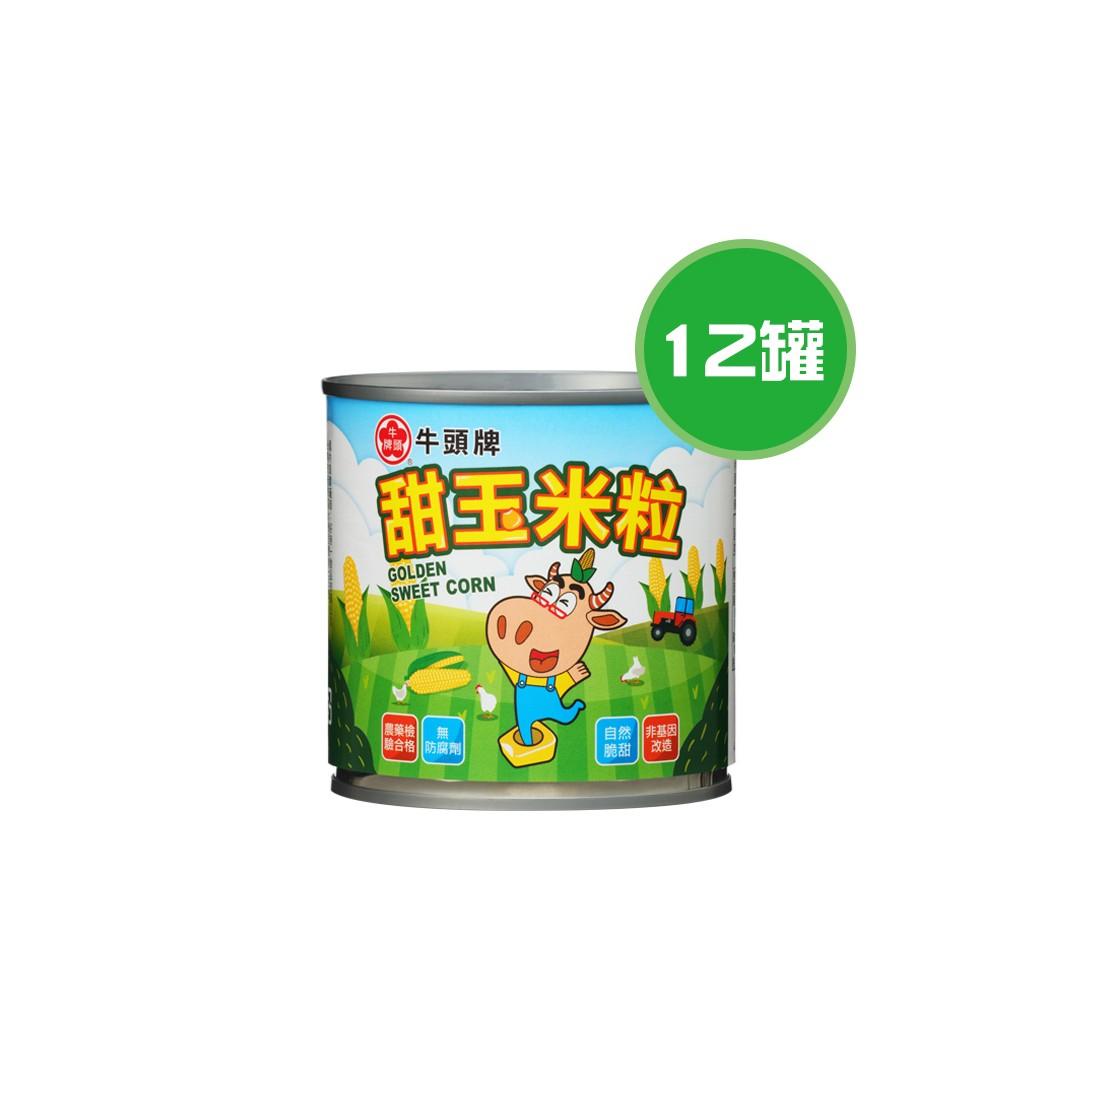 金車鮮蝦香魚 超值組M (鮮蝦-特大4包+香魚-公1包+香魚-母1包, 每包500g, 母含卵)